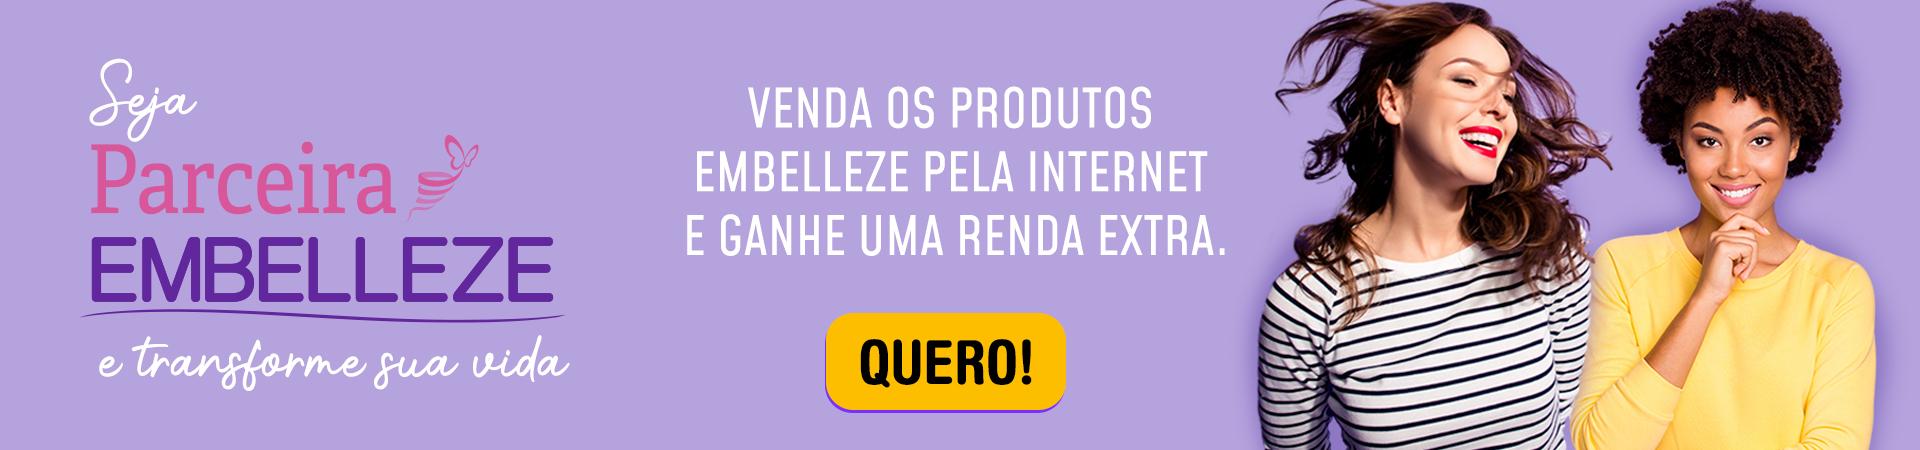 Banner Parceira Embelleze